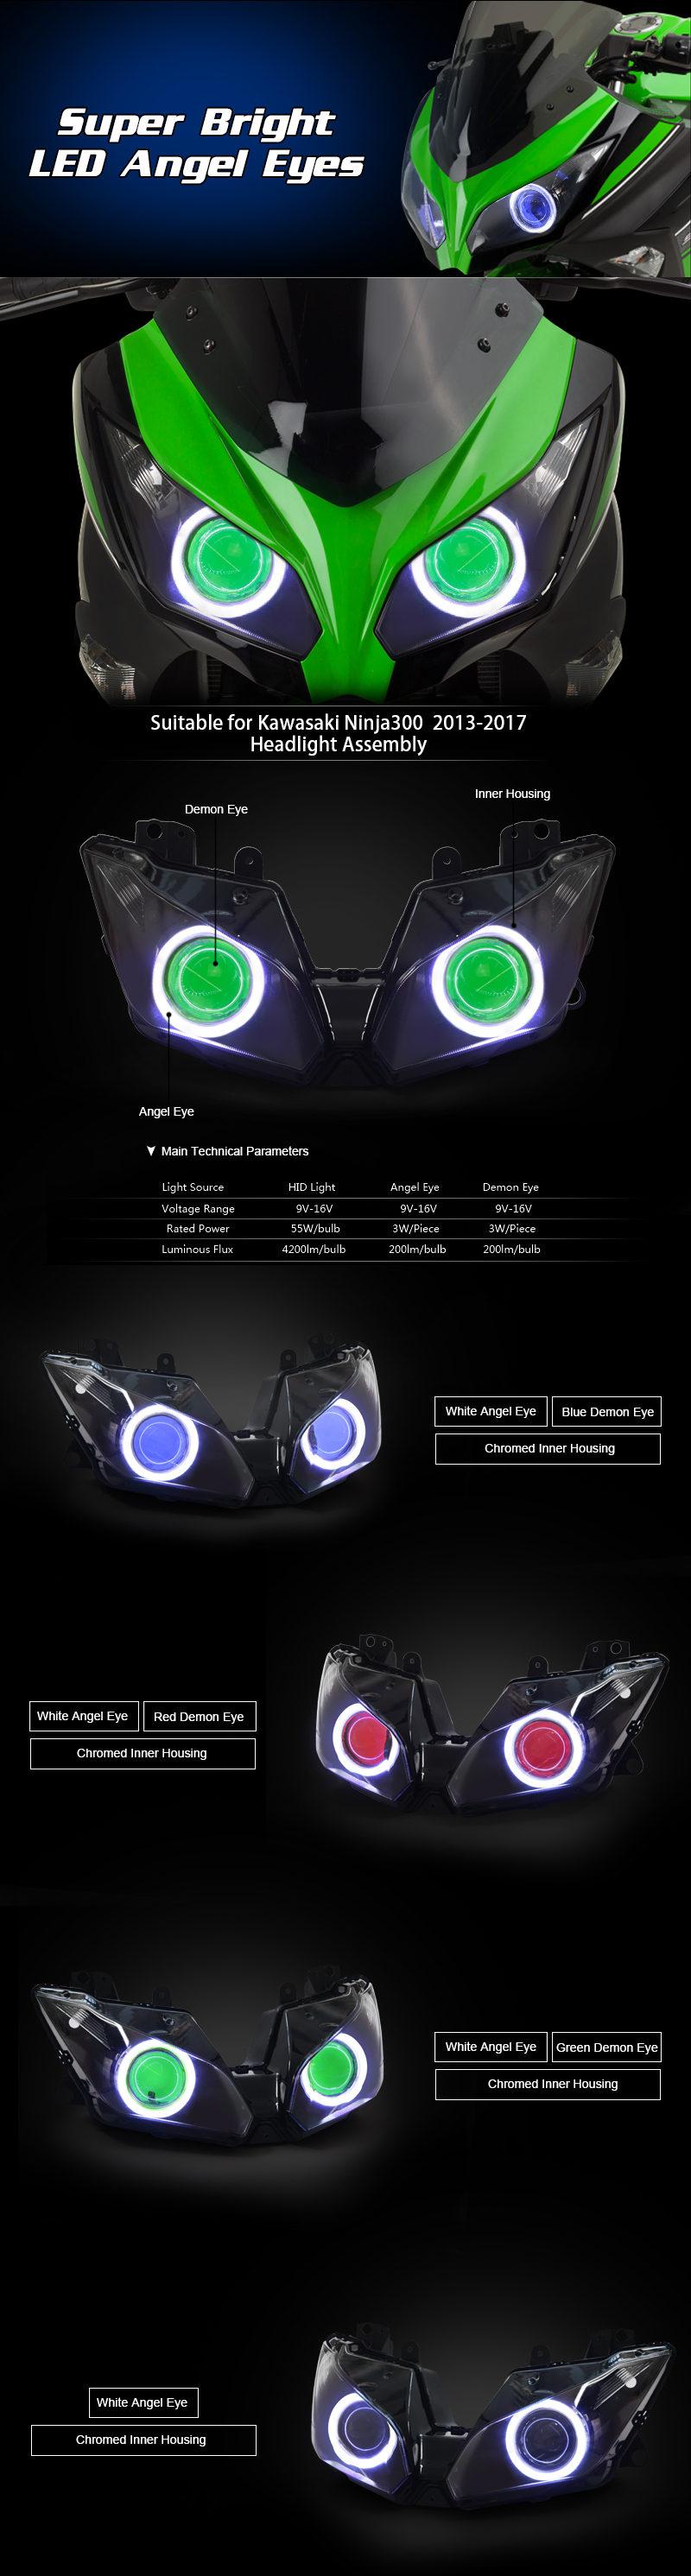 Ninja300 Headlight 2013 2014 2015 2016 2017